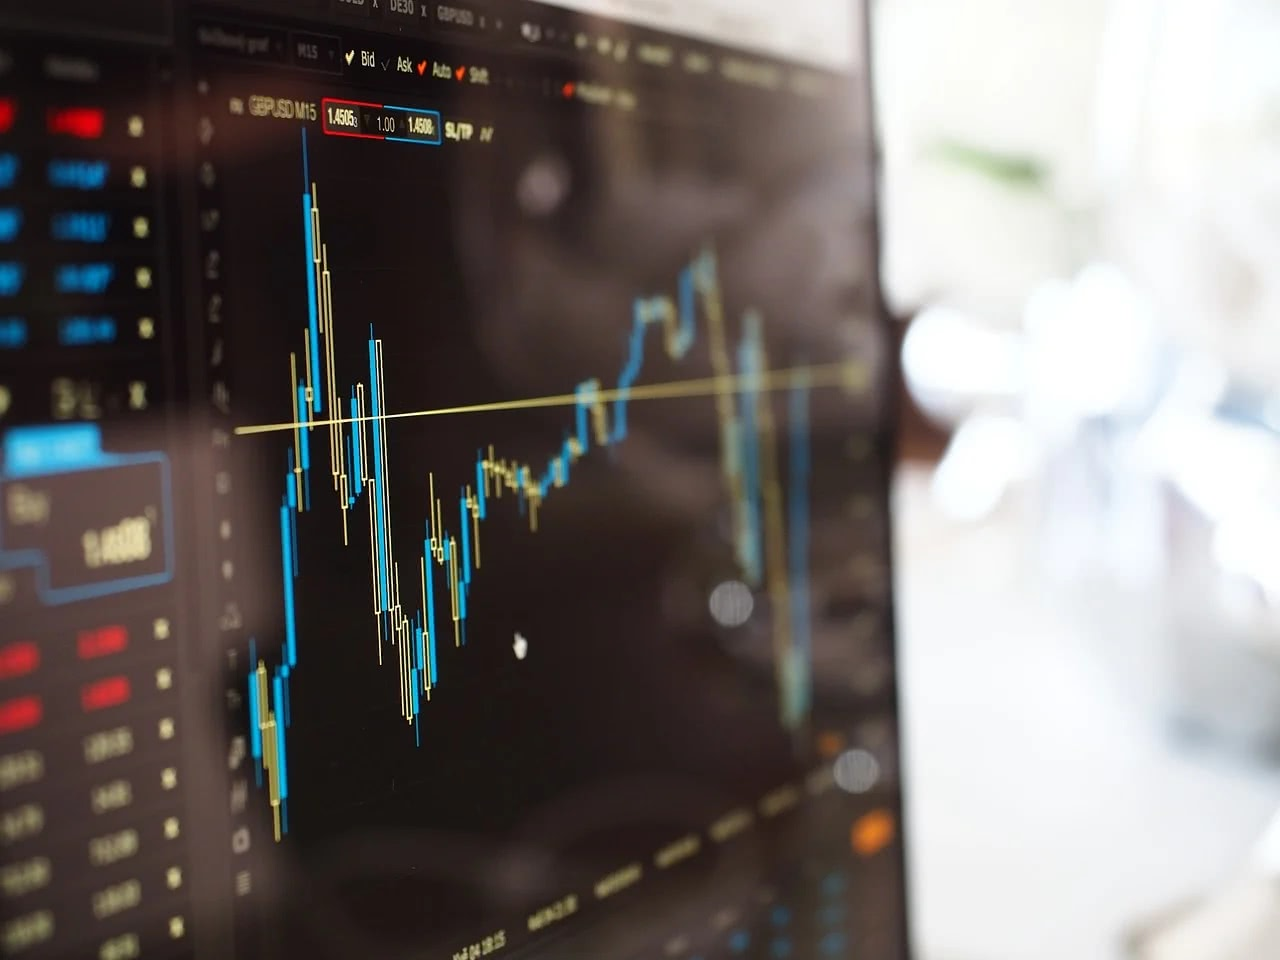 美股端午期间再度暴跌,又进入下跌状态美股这到底是怎么回事?